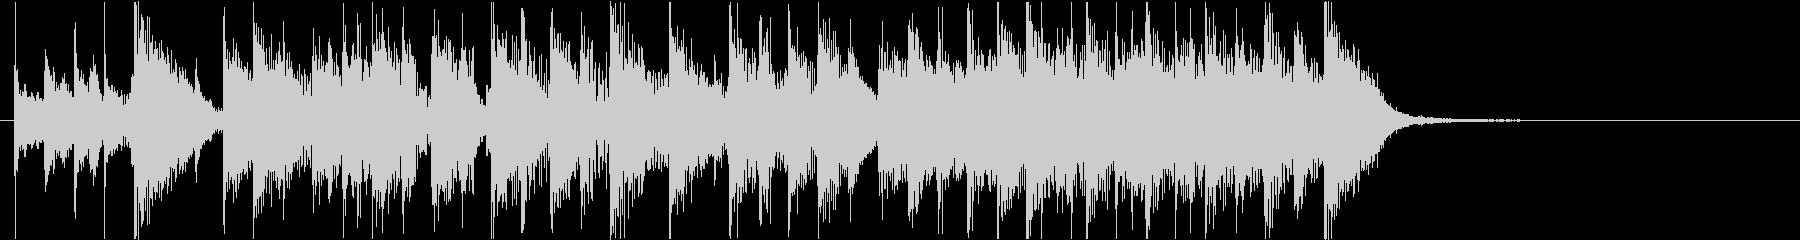 軽快でカワイイ昭和テイストのサウンドロゴの未再生の波形